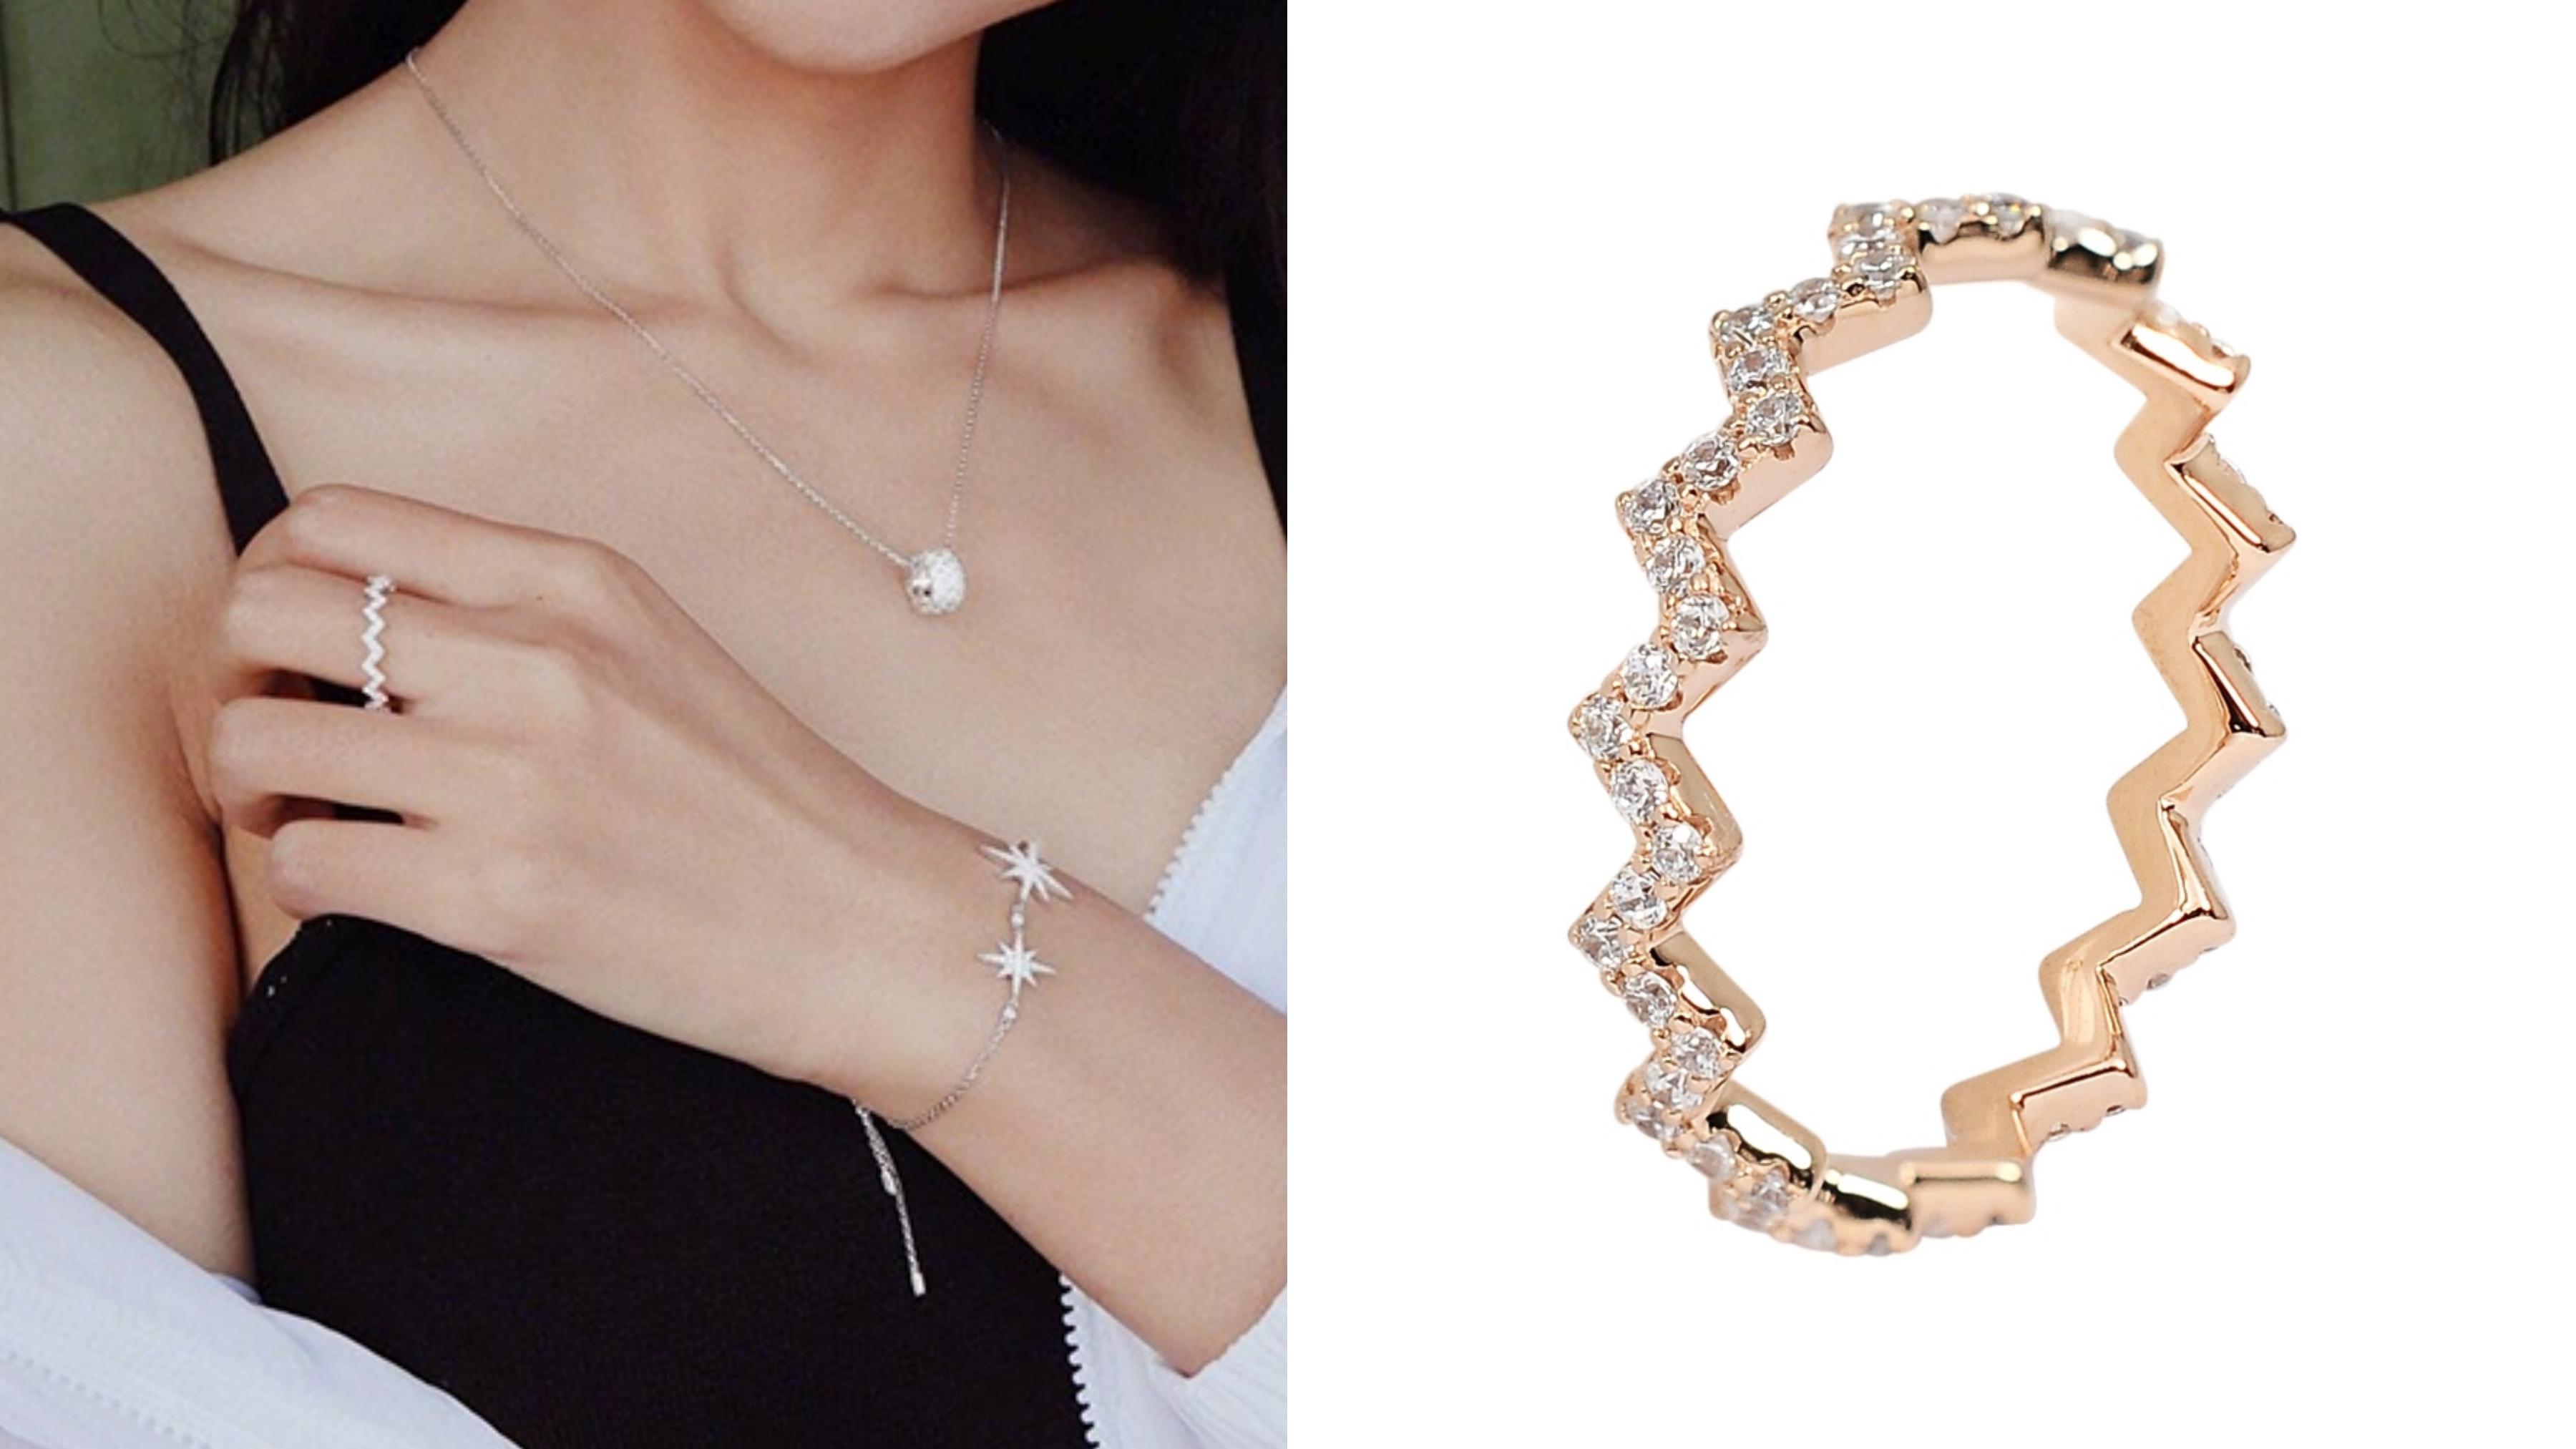 法國摩納哥優雅工藝,鑲嵌珍珠水鑽等高級珠寶,特殊的Z字波浪造型